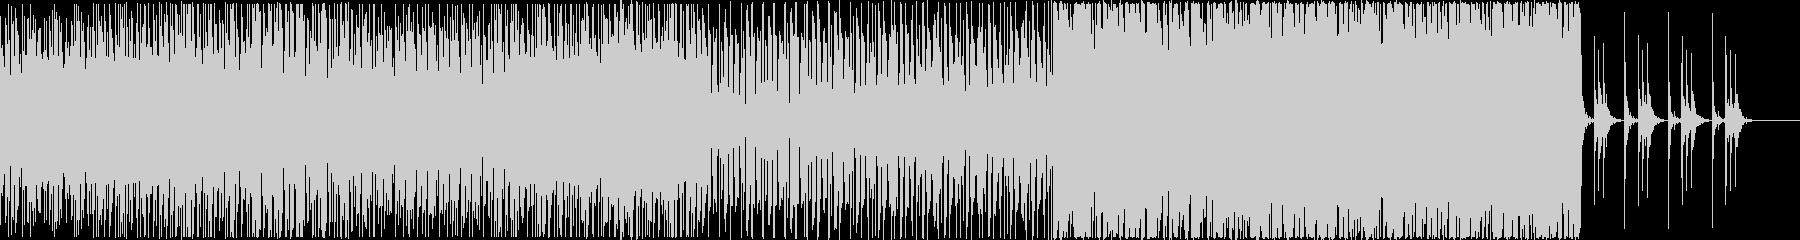 ダンサブルなビートとシンセサウンドの未再生の波形